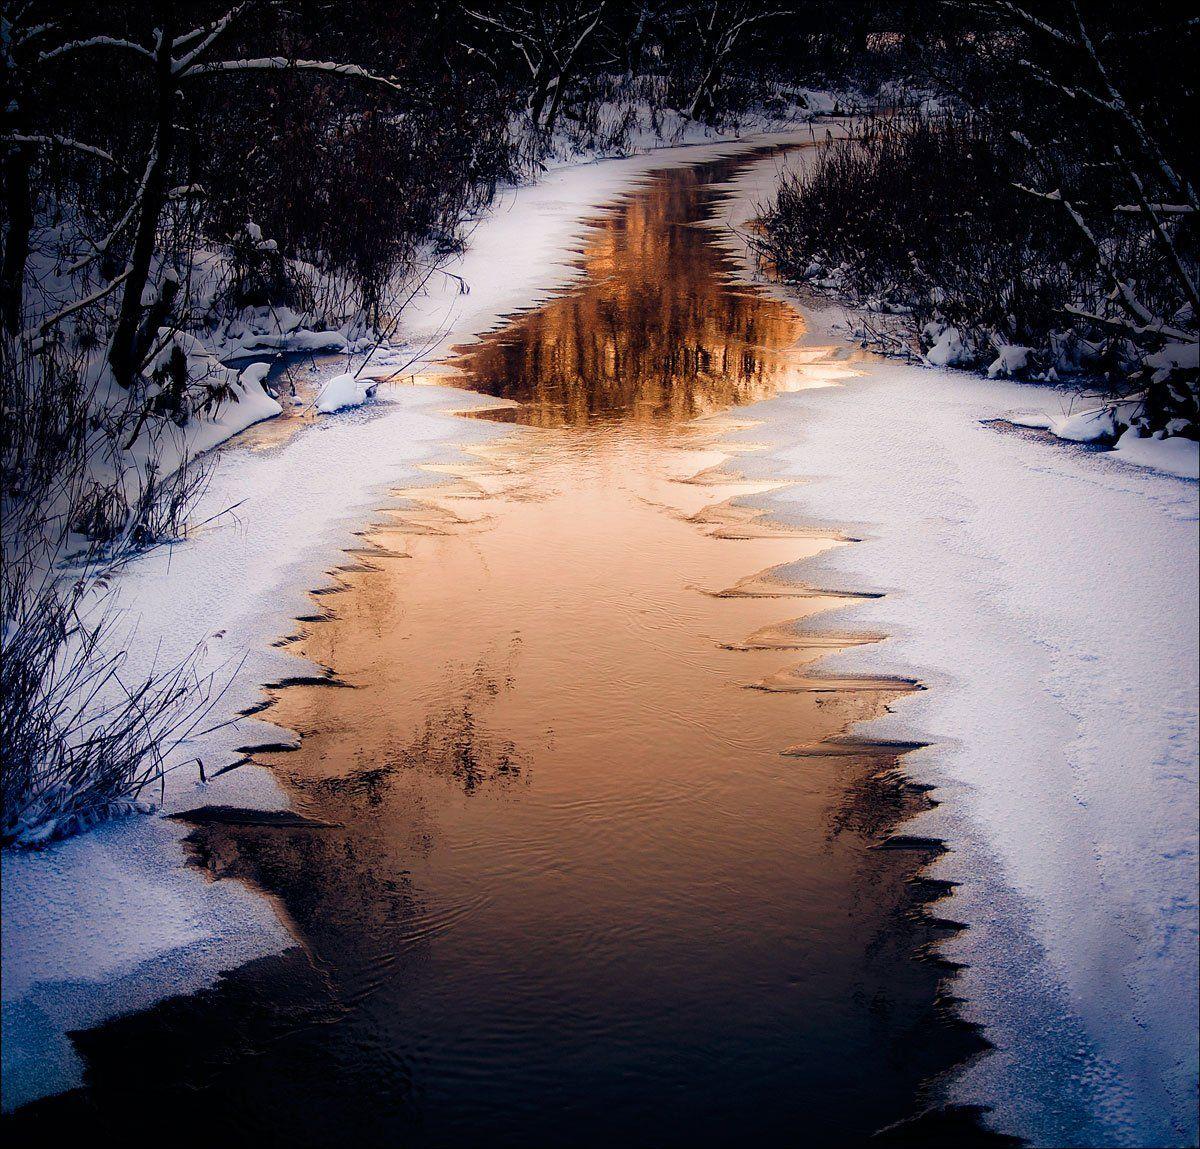 вода,лед,зубы,река,квадрат, denis